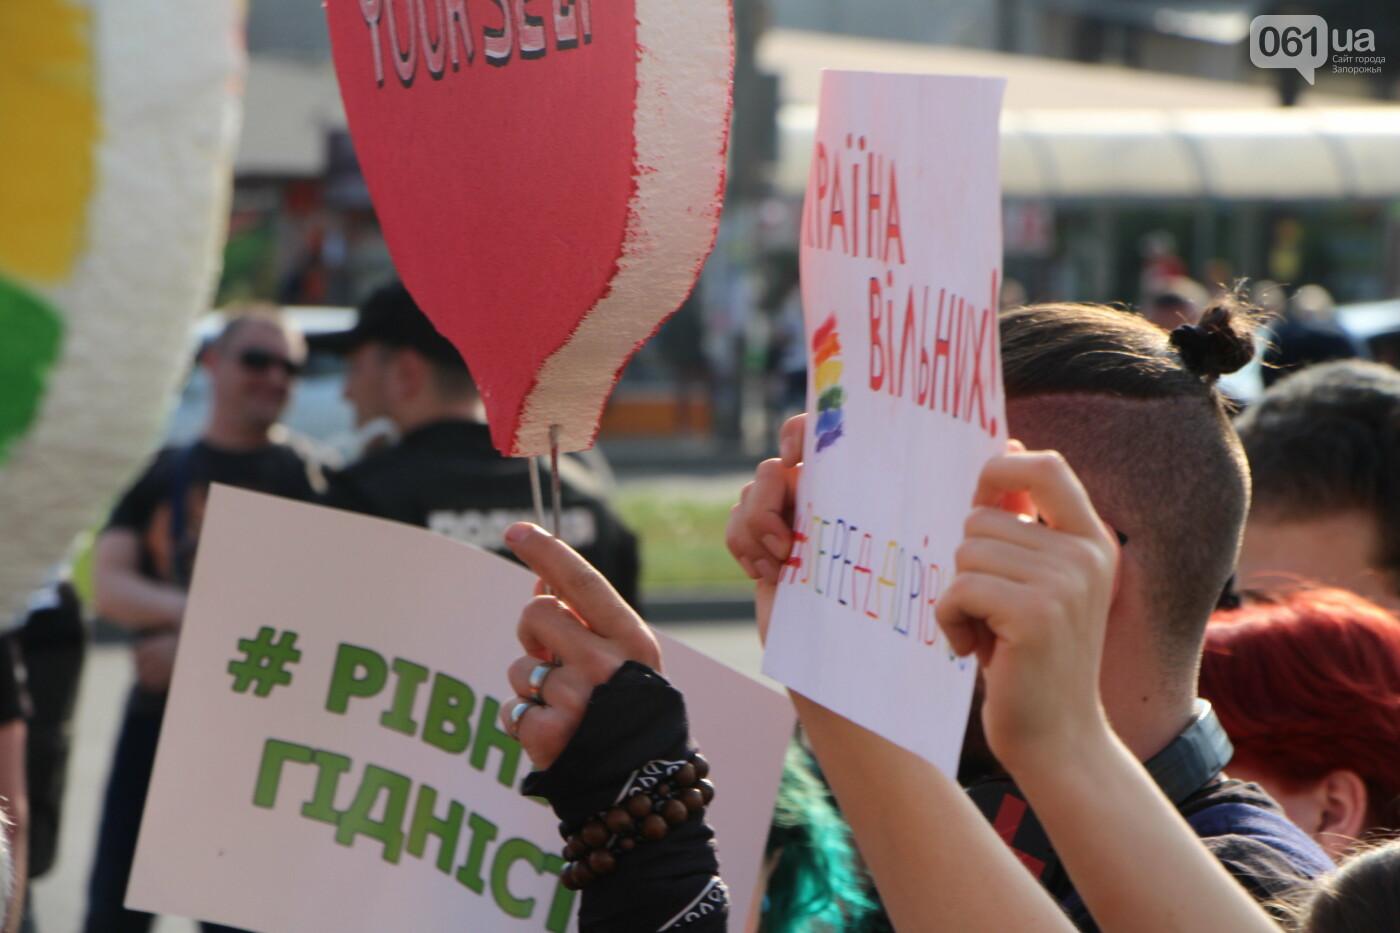 """""""Радужный флешмоб"""" переехал из-за угрозы насилия: как прошла ЛГБТ-акция в Запорожье, - ФОТОРЕПОРТАЖ, фото-22"""